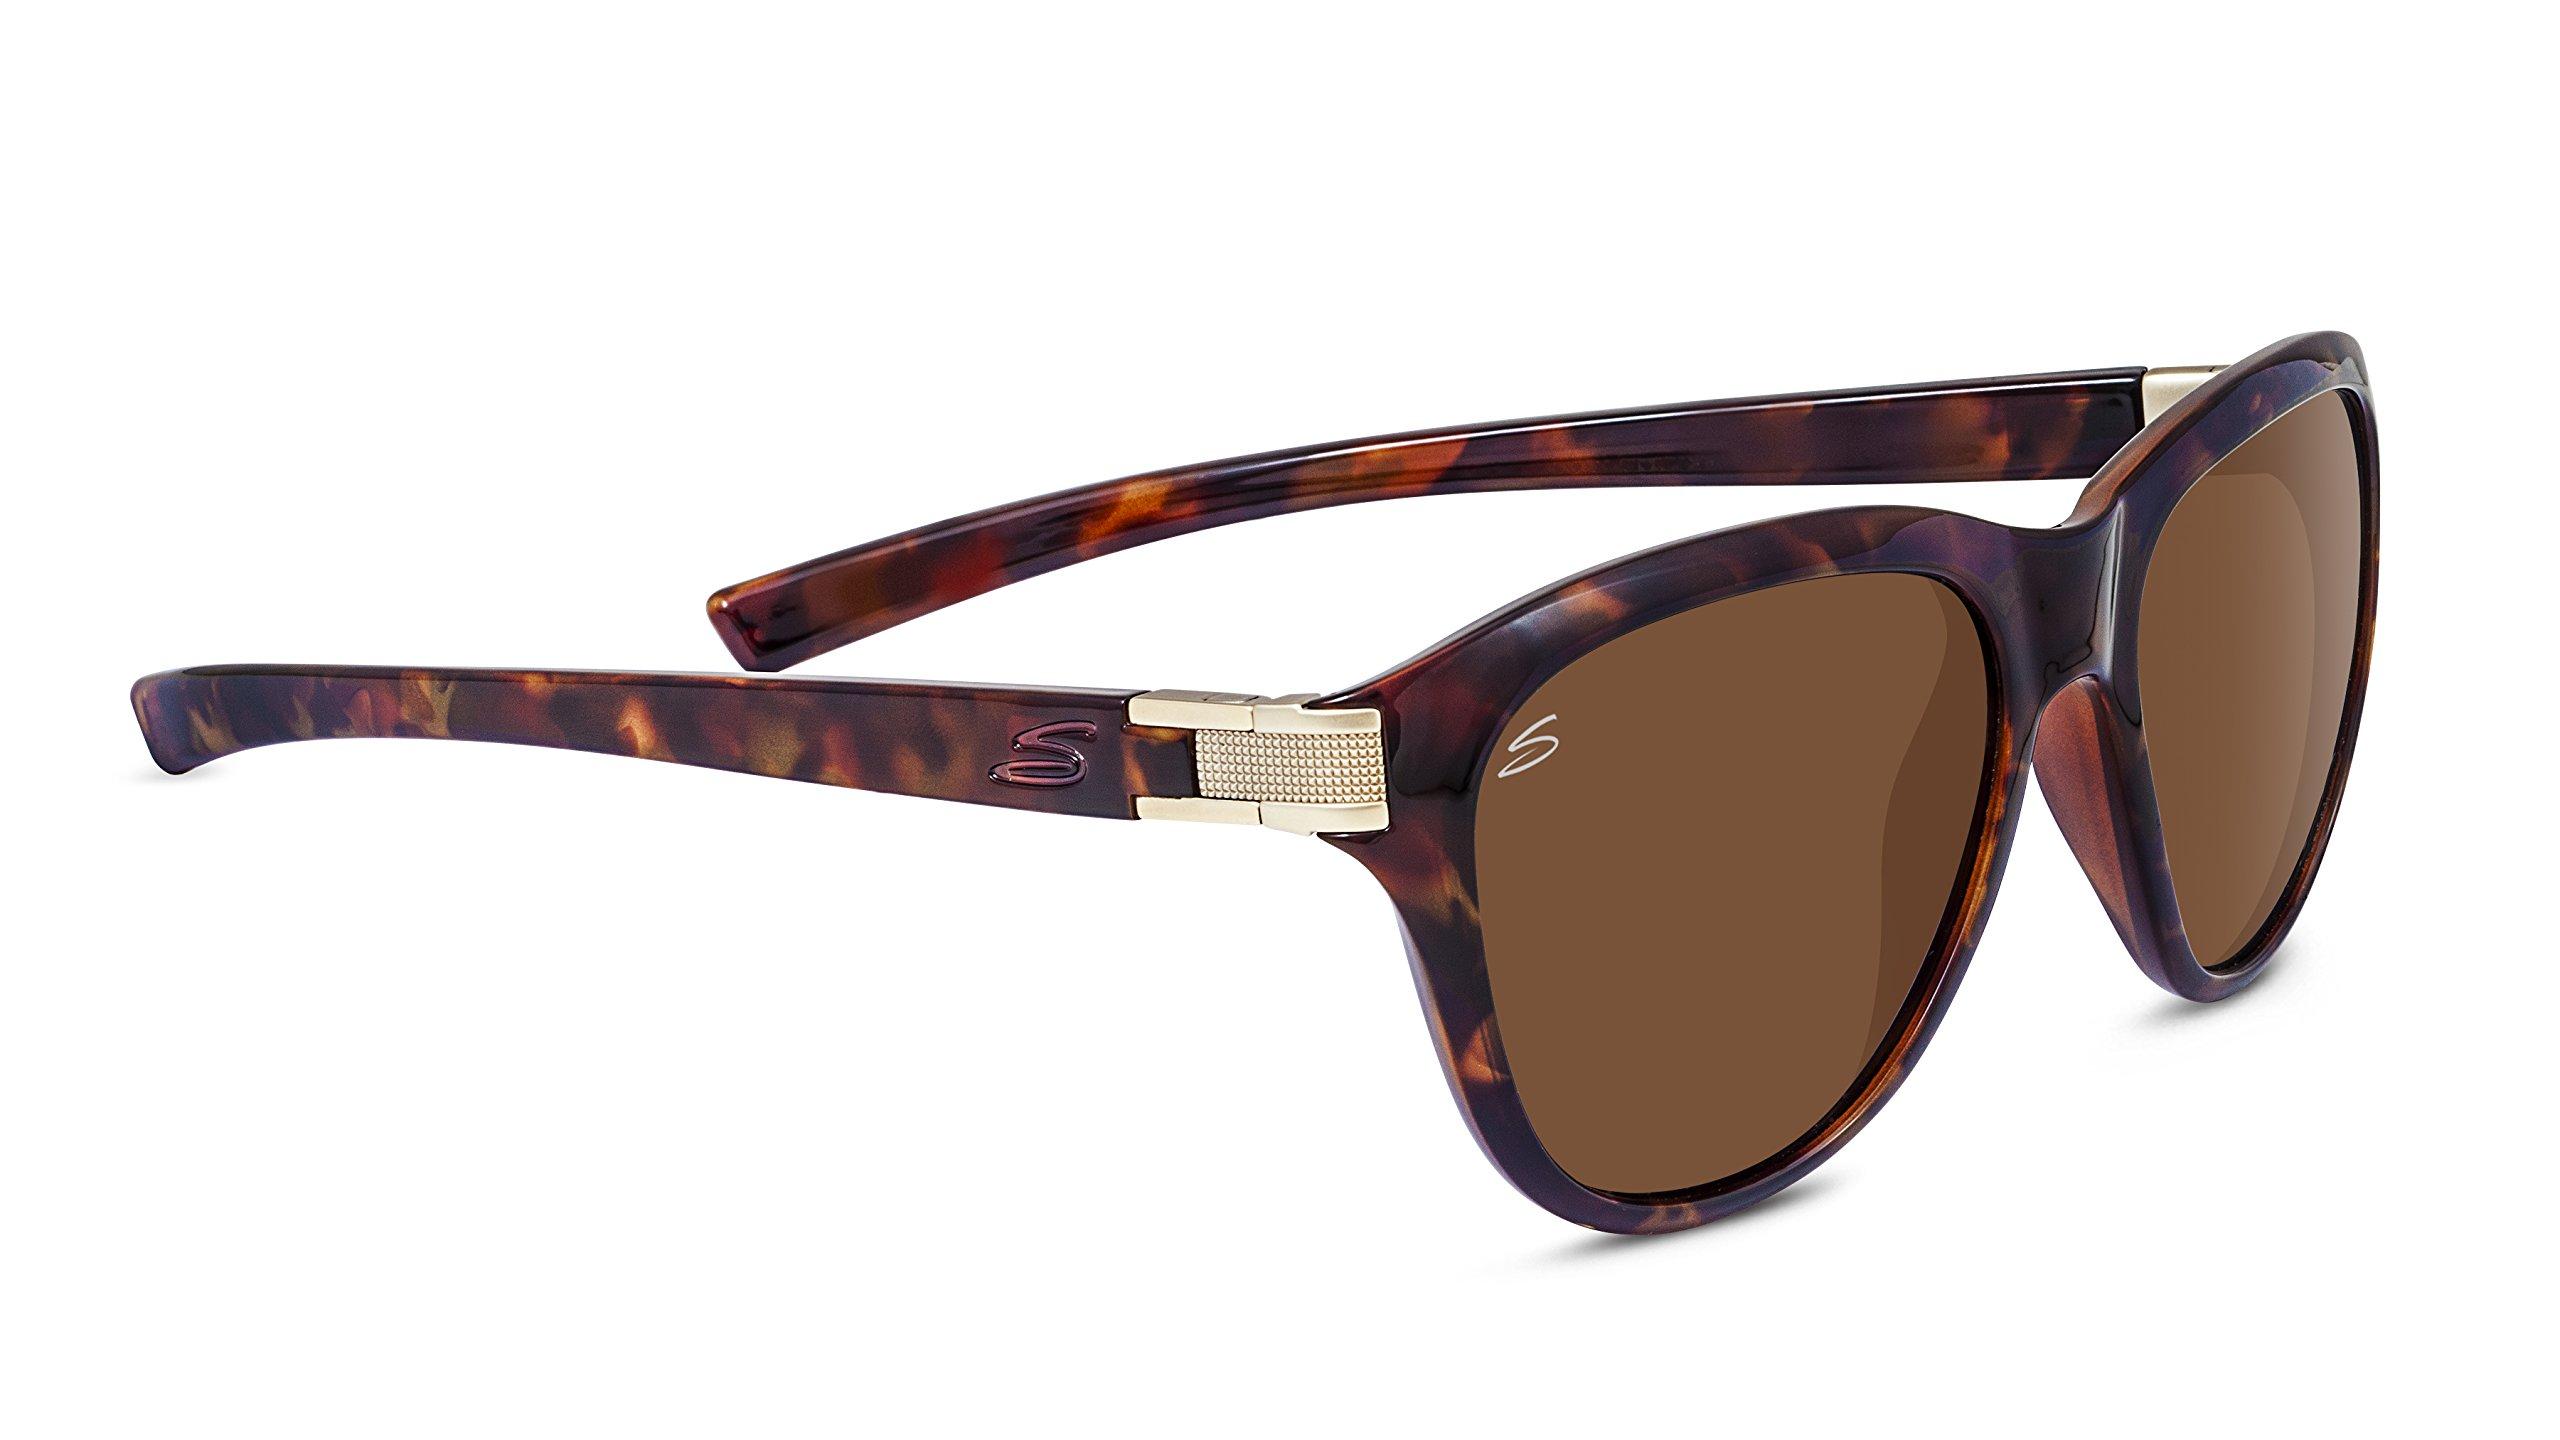 Serengeti 8330-Elba Elba Glasses, Shiny Red Moss Tortoise Frame